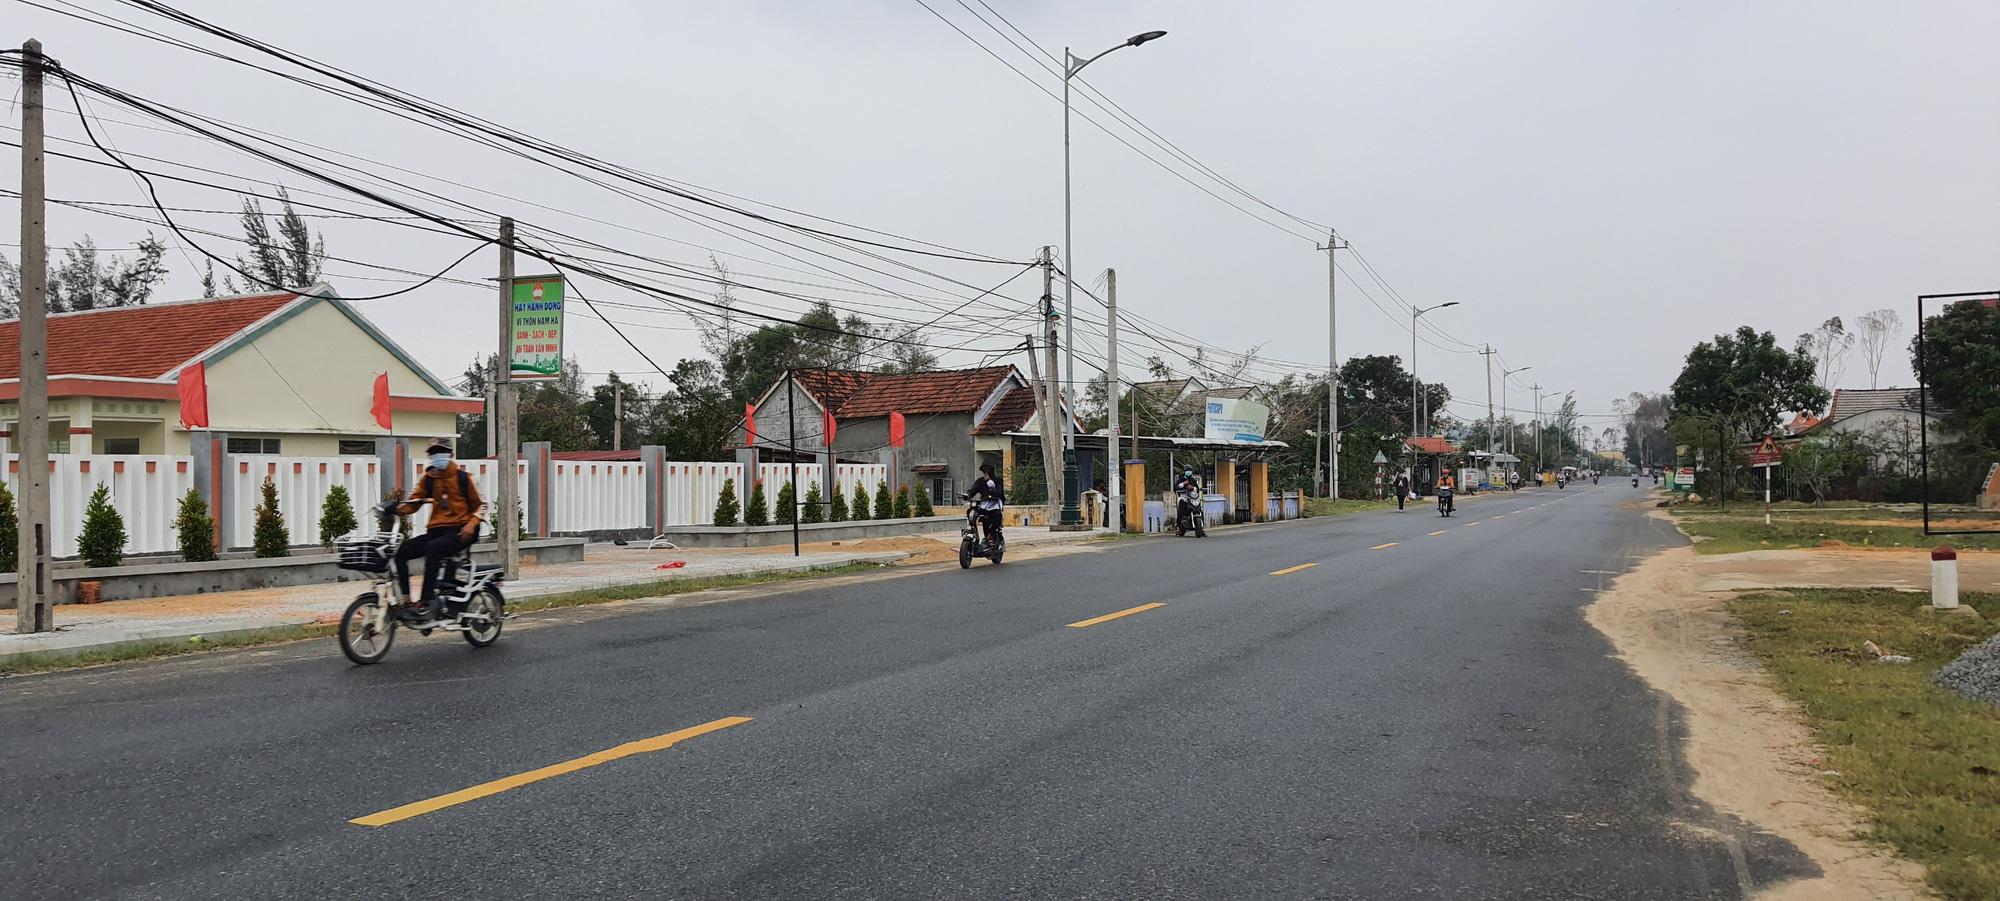 Quảng Nam: Bình Dương đổi thay nhờ thu hút đầu tư hiệu quả - Ảnh 4.